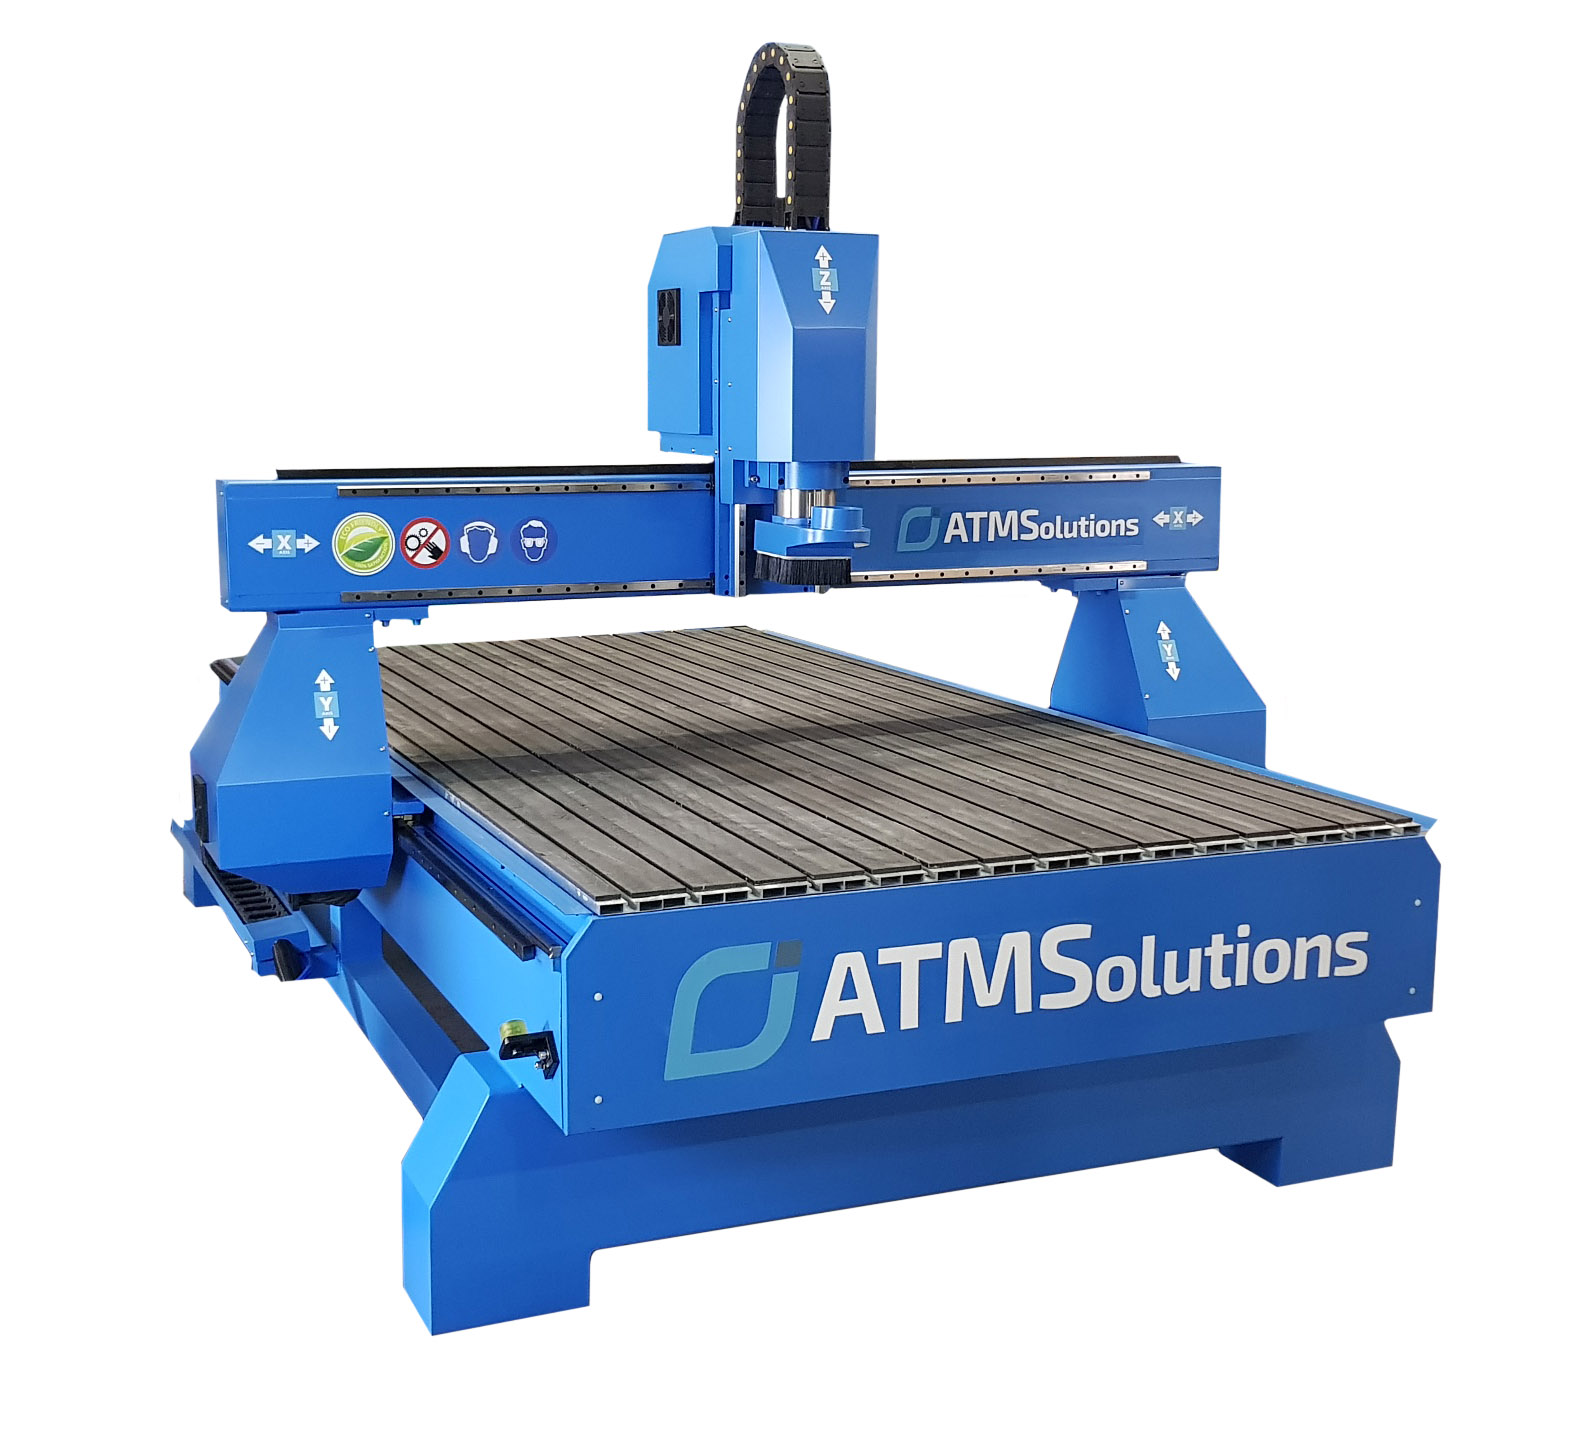 Nowoczesna architektura Ploter Frezujący CNC ATMS 1325 - Maszyny CNC Frezarki Plotery PW45